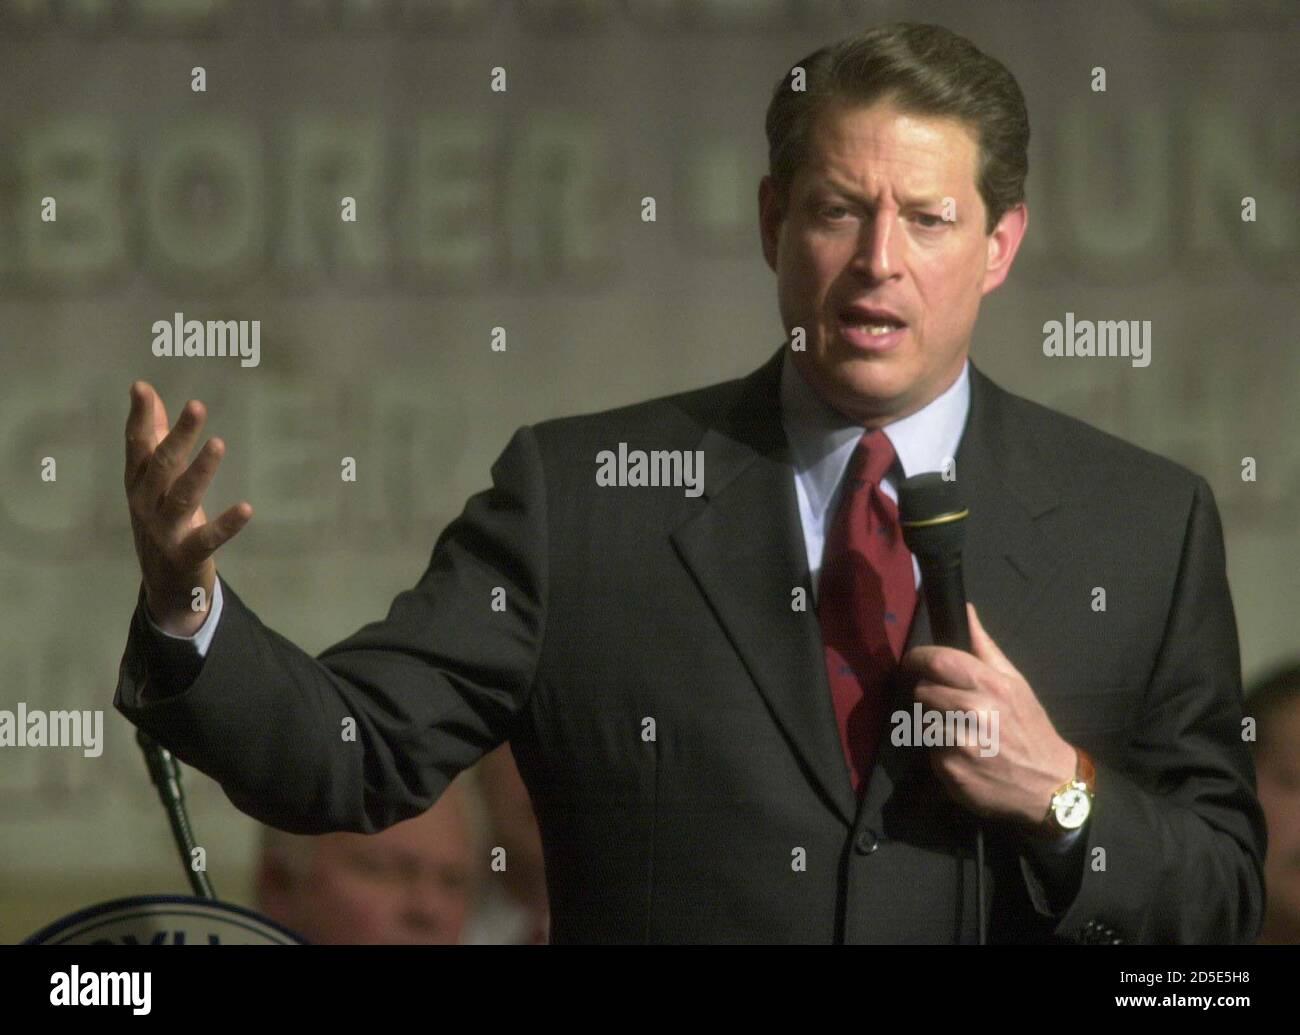 """Candidato presidencial democrático, el vicepresidente al Gore se dirige a la convención AFL-CIO de Pennsylvania en Filadelfia, marzo de 15. Un día después de bloquear la nominación demócrata, Gore advirtió a los partidarios del trabajo organizado el miércoles que los republicanos estaban """"organizando las barricadas"""" en la carrera por la Casa Blanca. TMS/SV Foto de stock"""